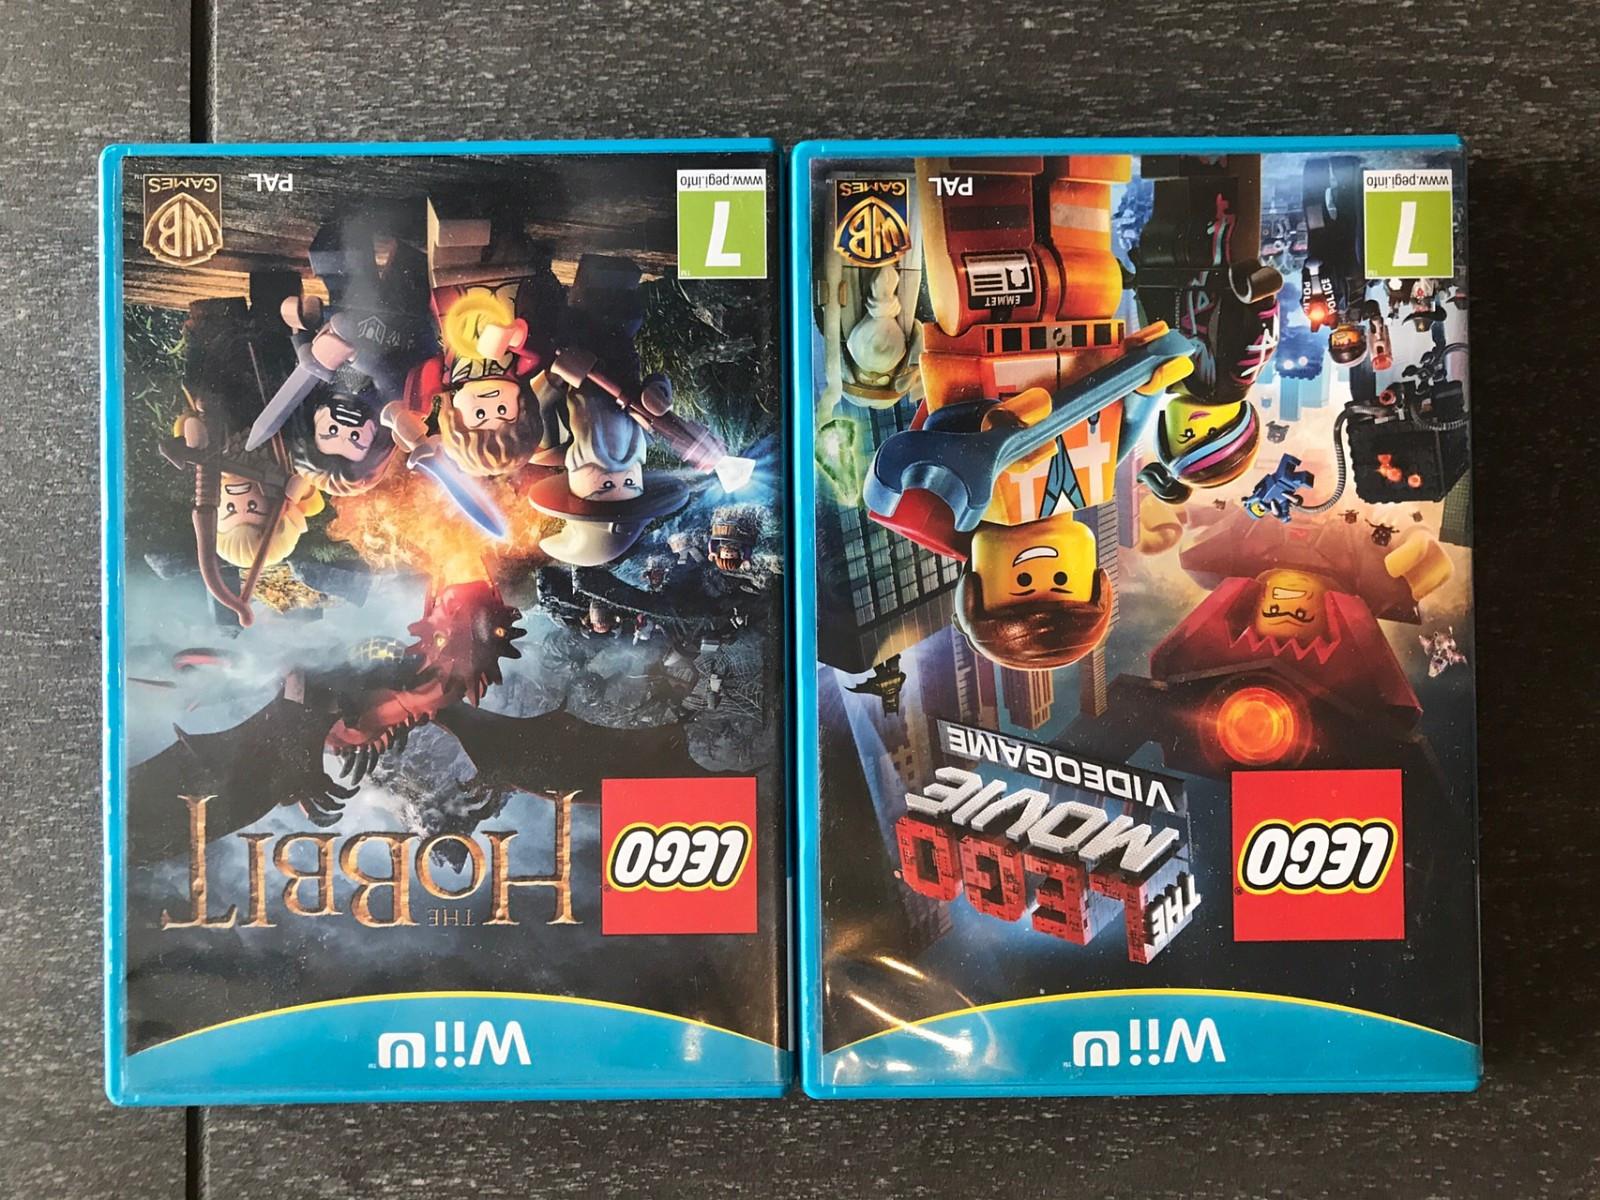 Lego Hobbit og The Lego Movie Video Game Wii U - Oslo  - Lego Hobbit og The Lego Movie Video Game til Wii U til salgs - Oslo